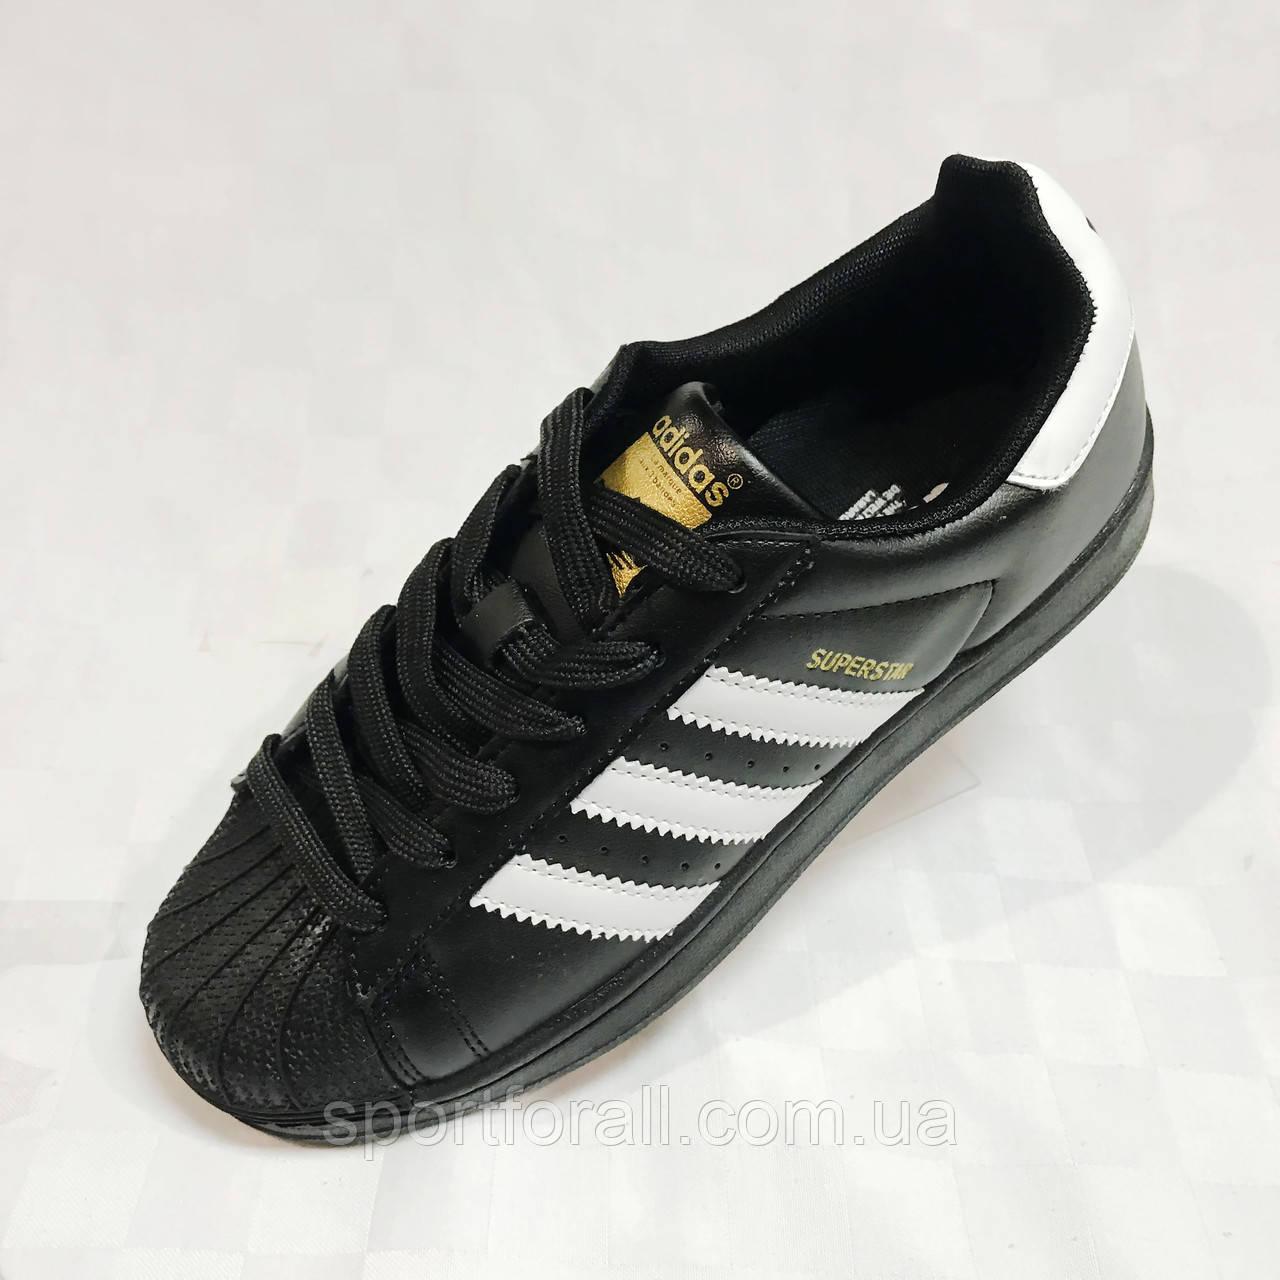 Кроссовки Adidas Superstar  р 36 B617-2